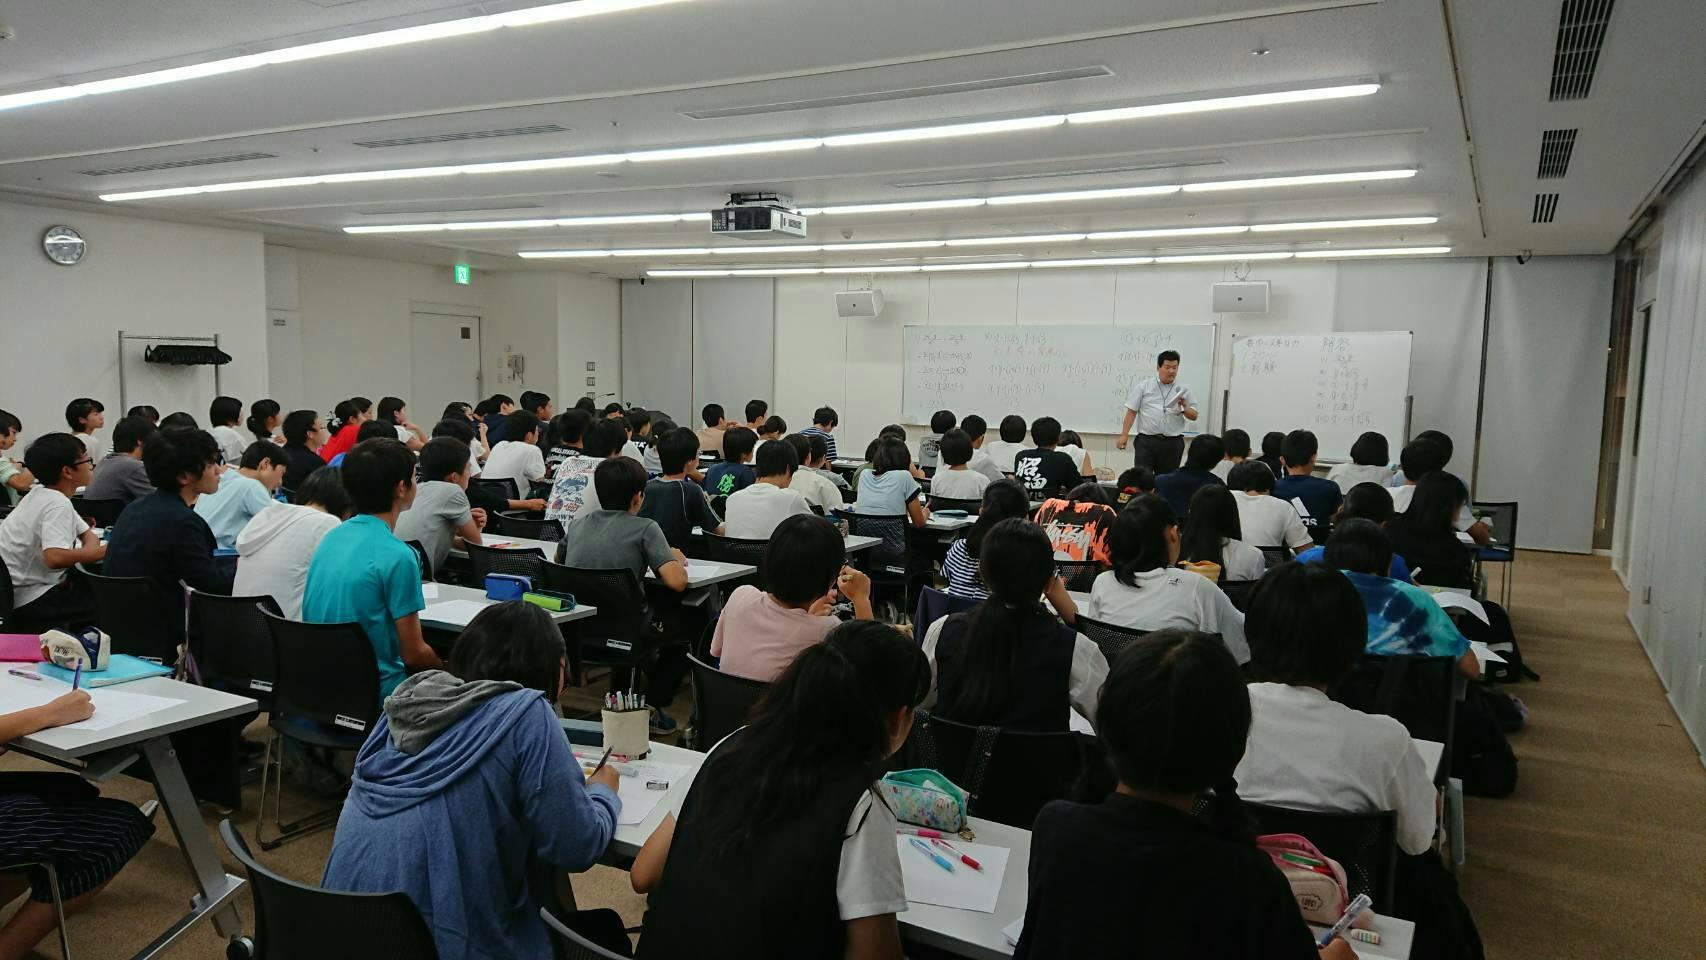 埼玉県公立高等学校入試 学校選択問題 特別対策授業実施!